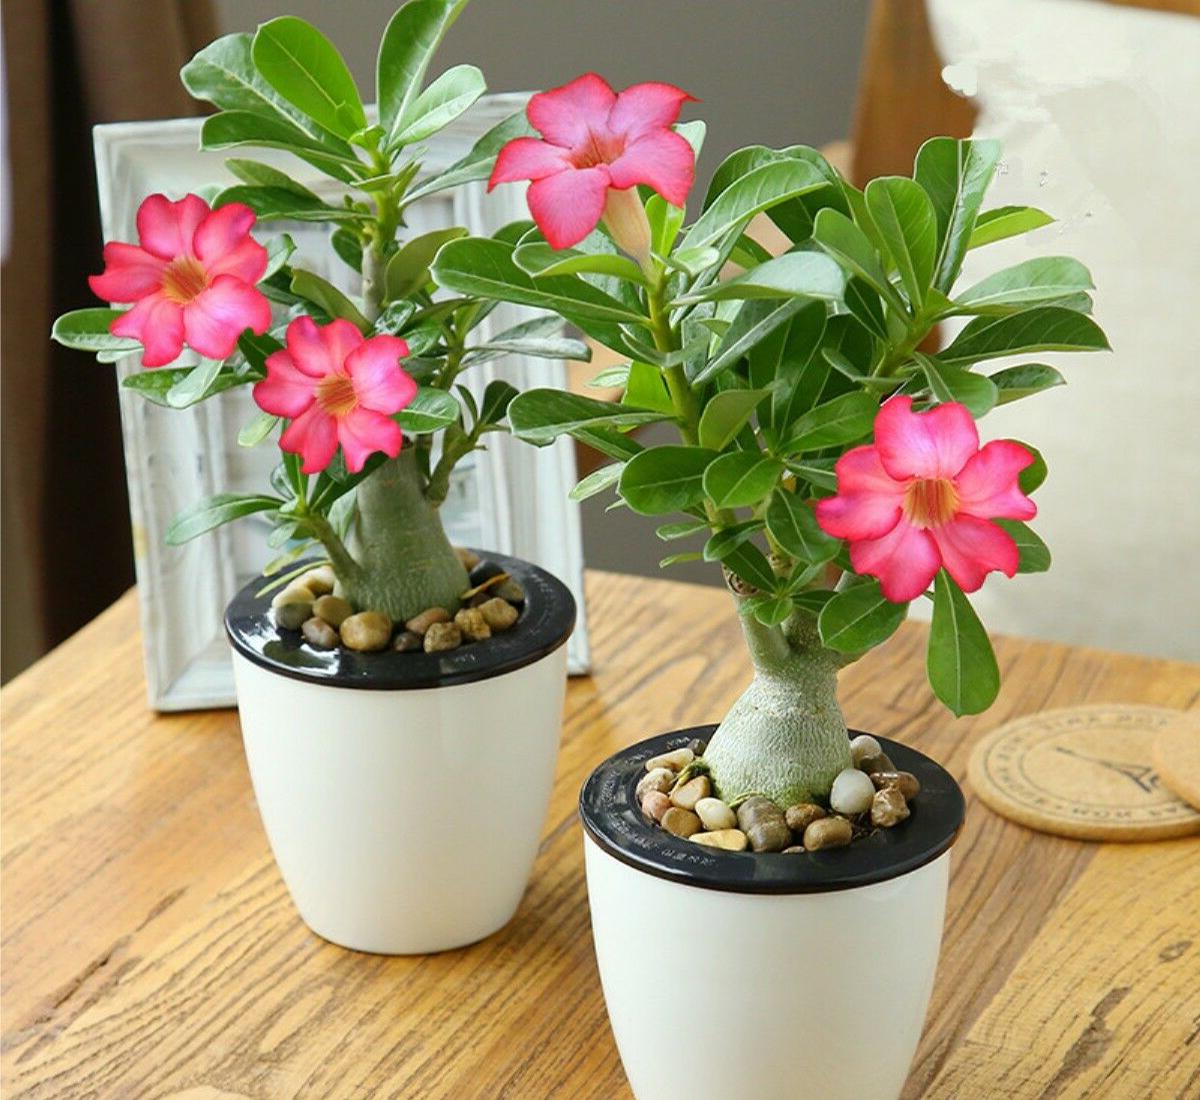 Выращивание адениума из семян: как вырастить адениумы в домашних условиях? посадка семян и последующий уход